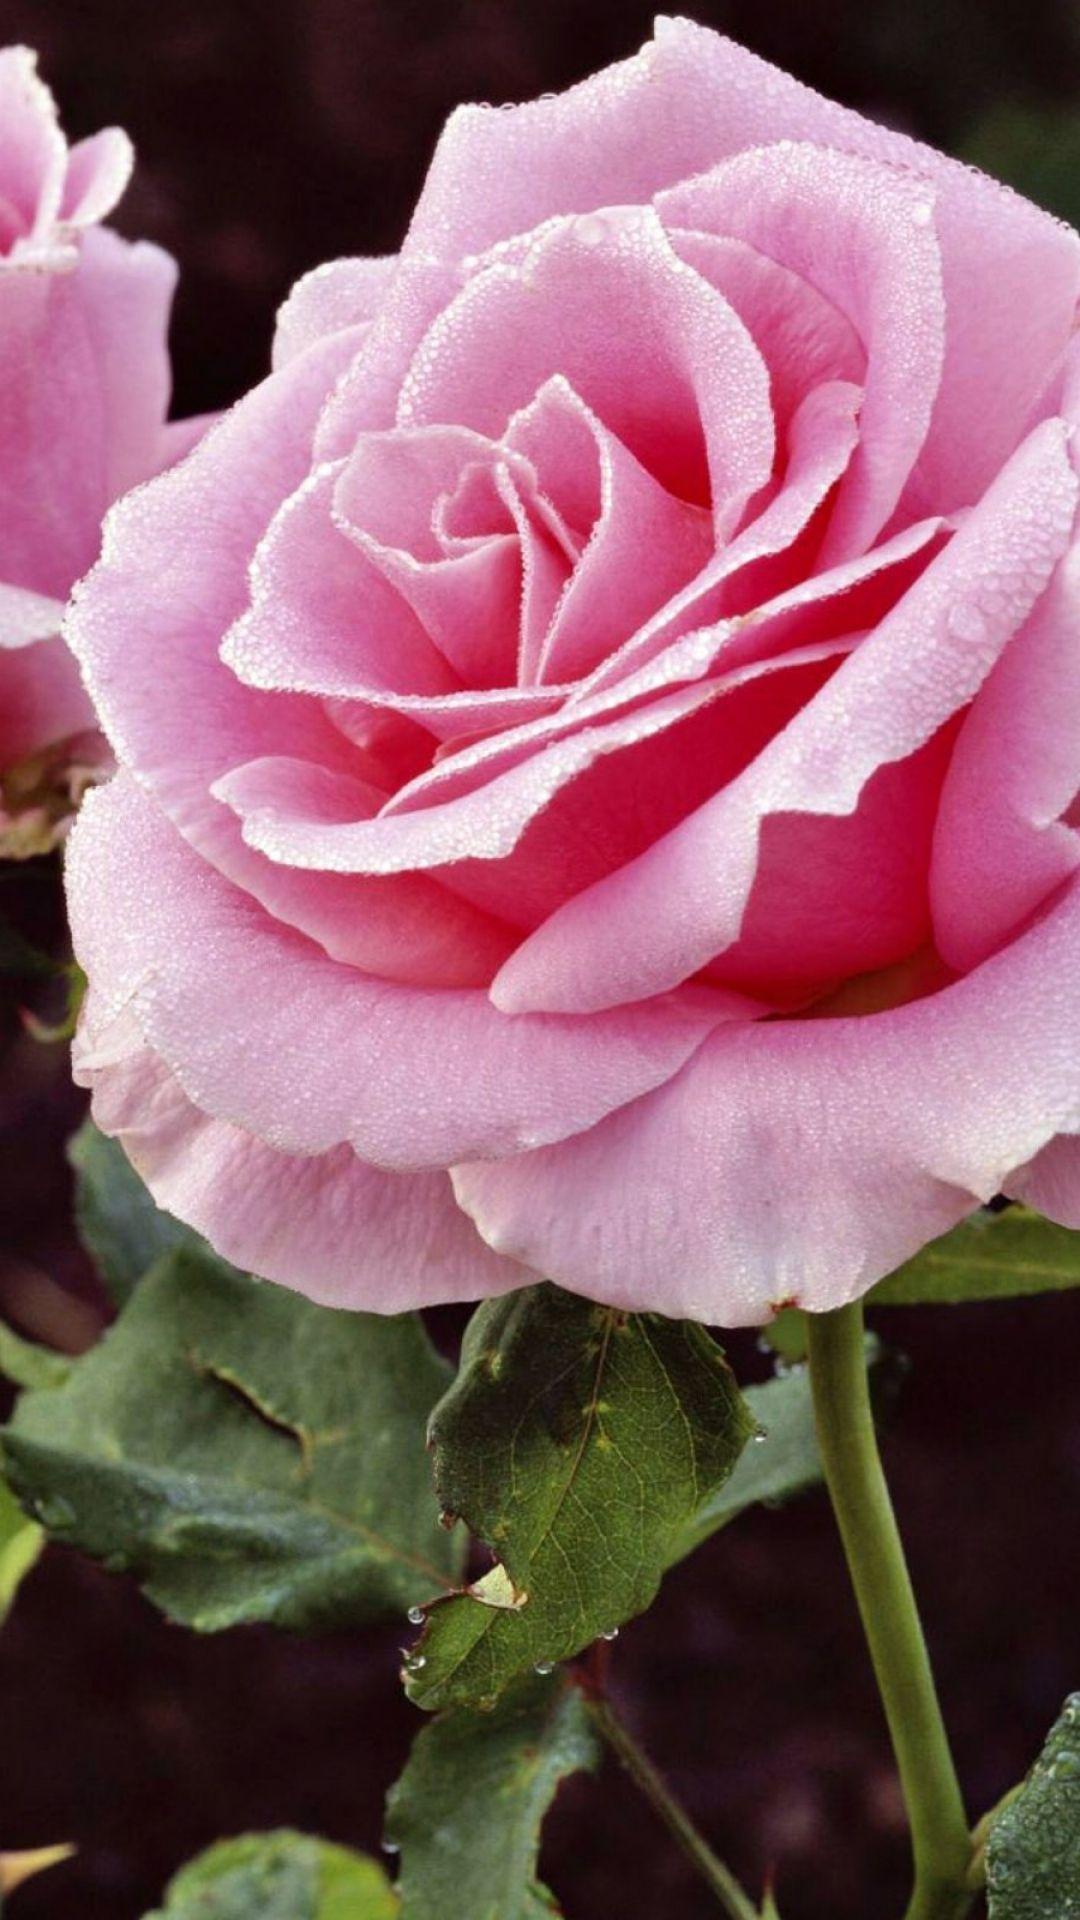 Roses petals flowers bud stem beautiful pink rose flora roses petals flowers bud stem beautiful pink rose izmirmasajfo